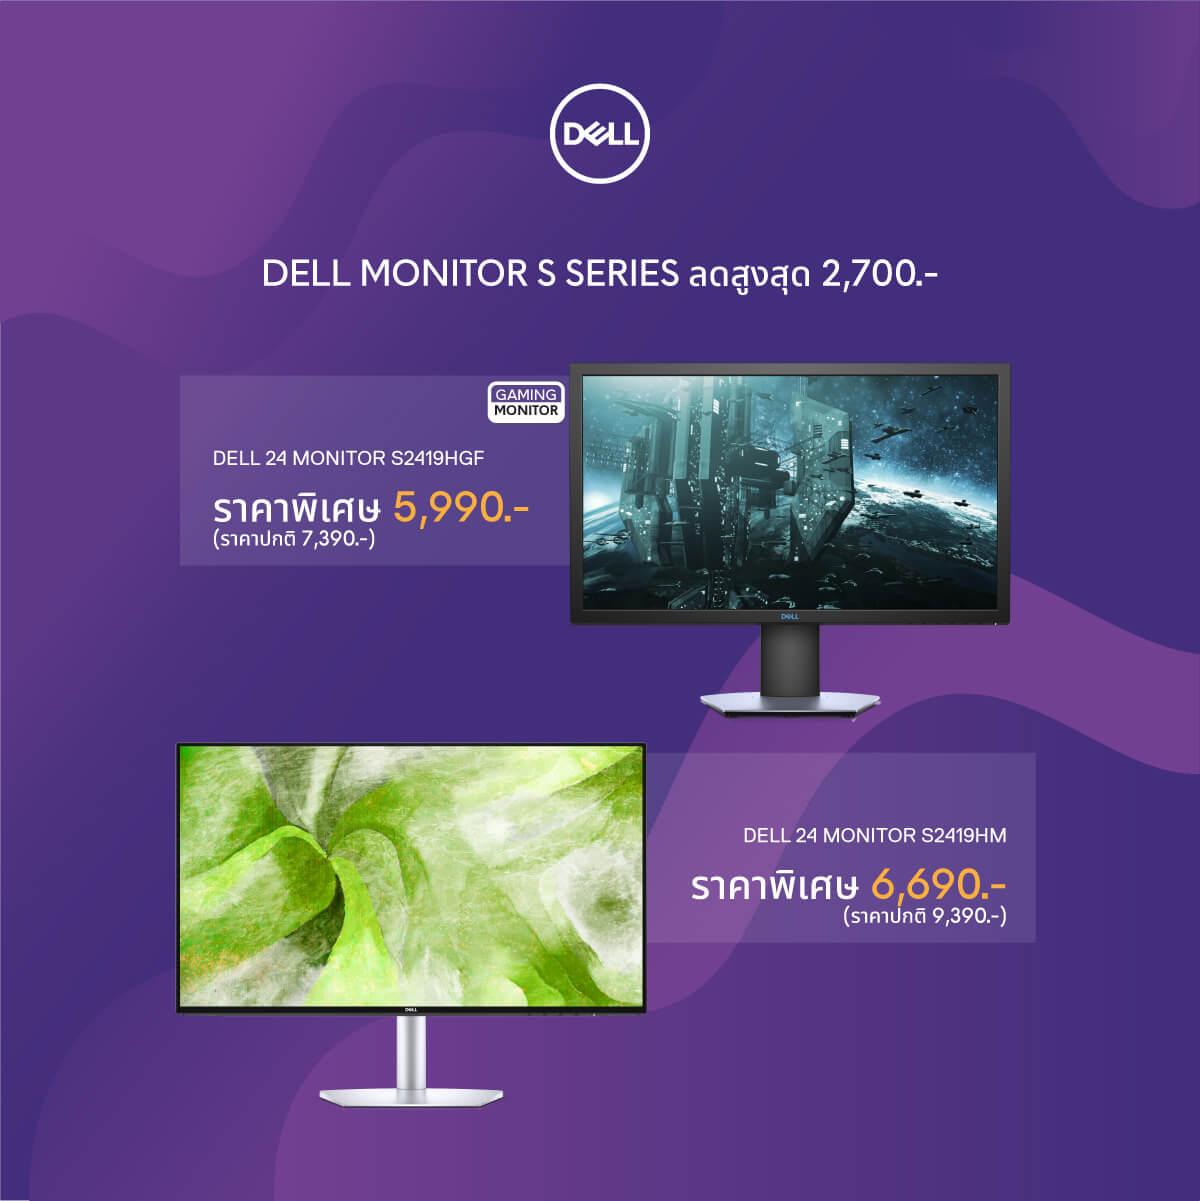 Dell Monitor Promo 04